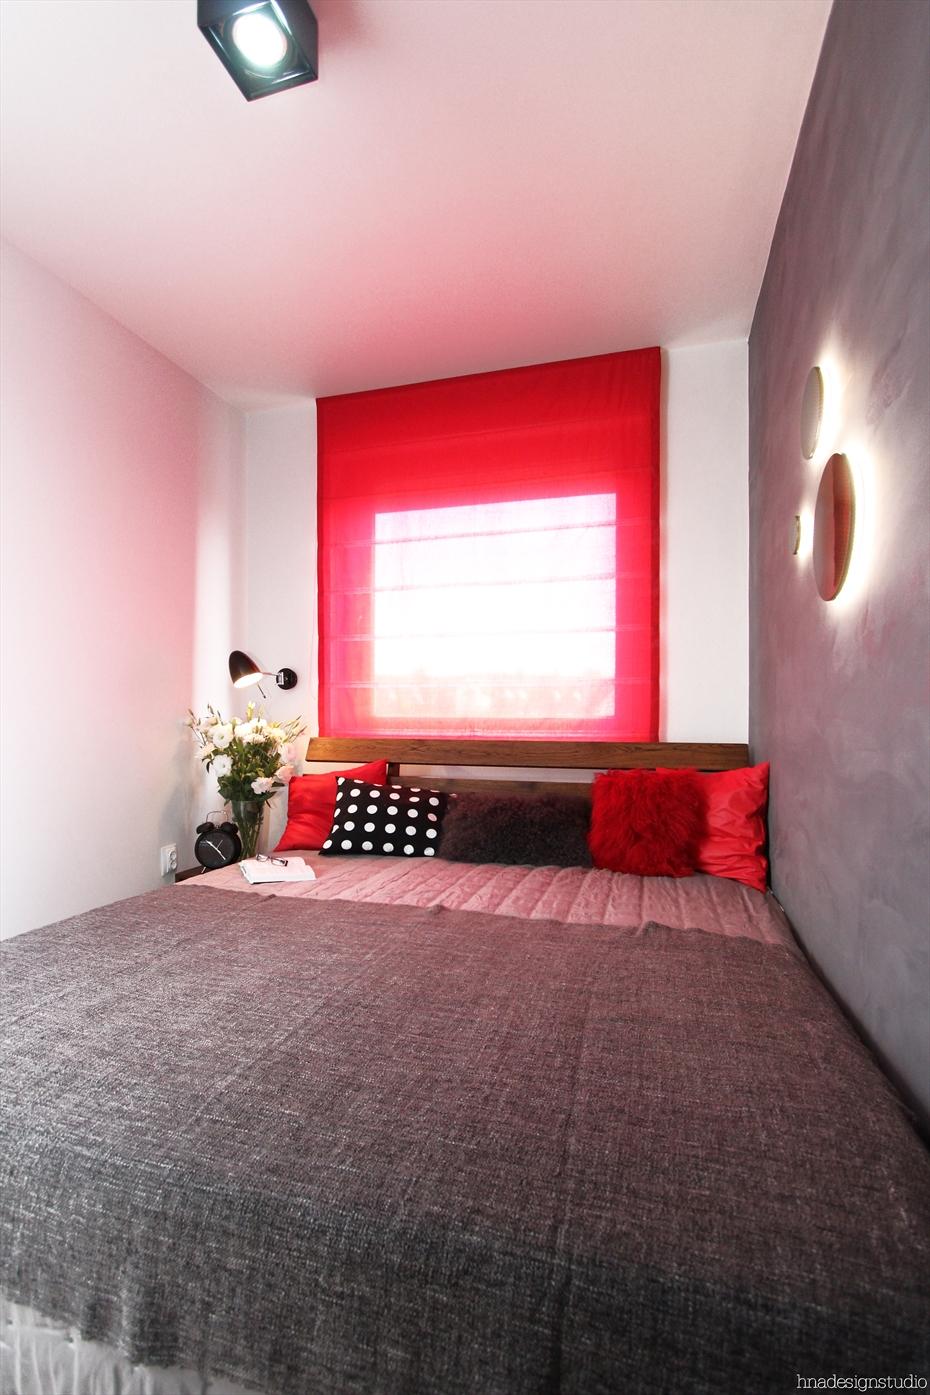 hna design piros 26